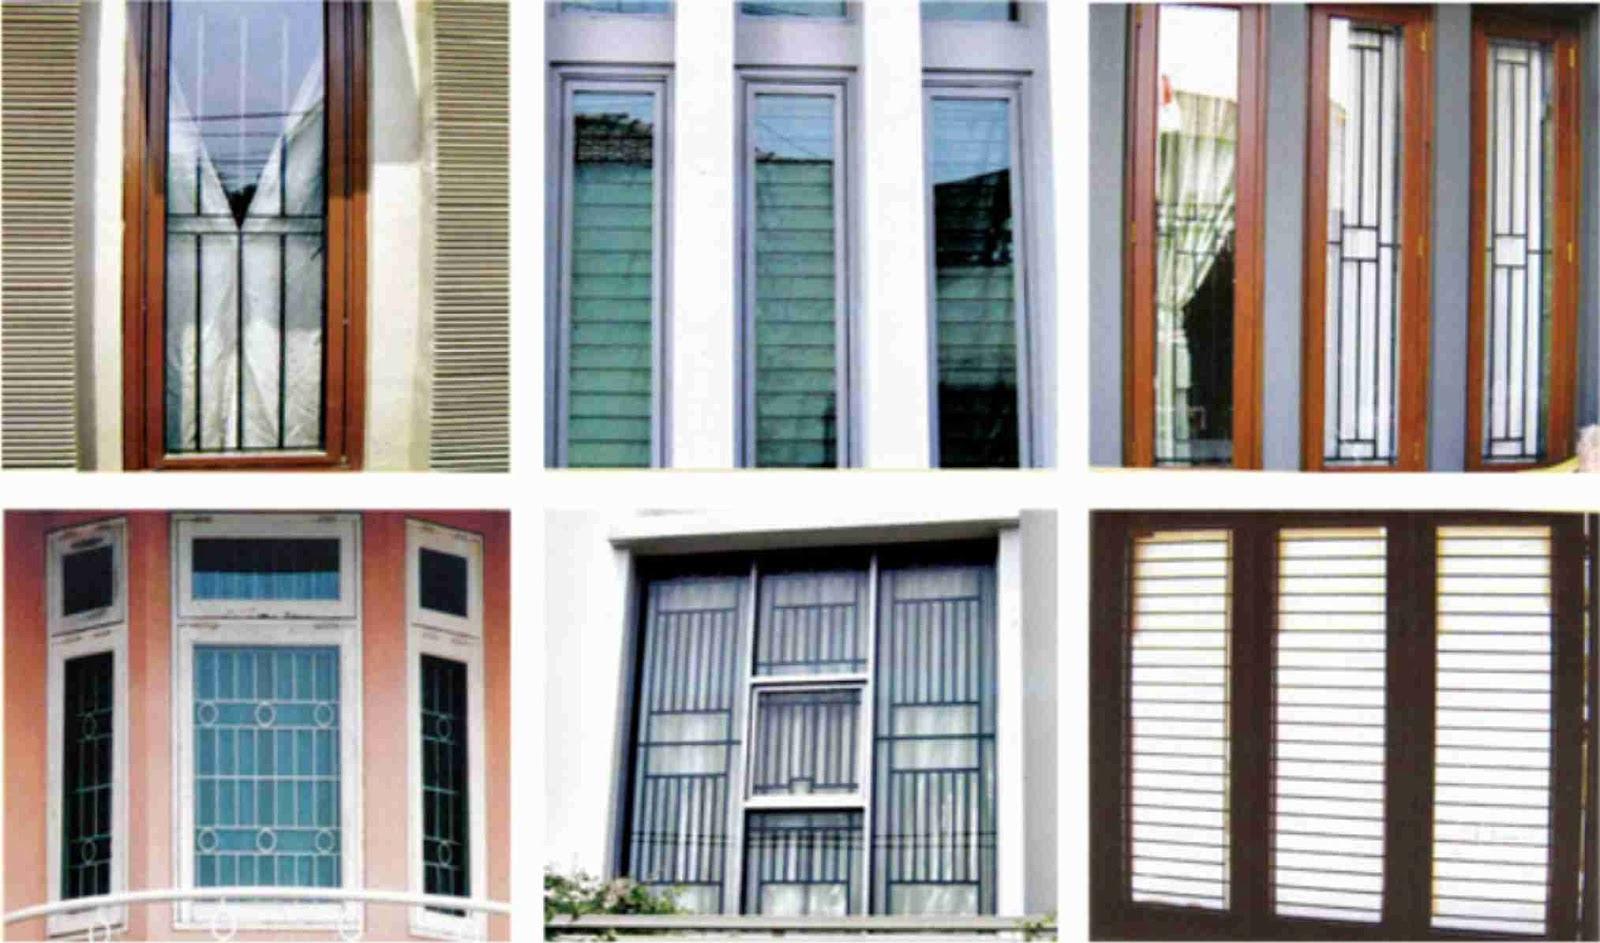 65 Desain Rumah Minimalis Ada Tokonya Desain Rumah Minimalis Terbaru